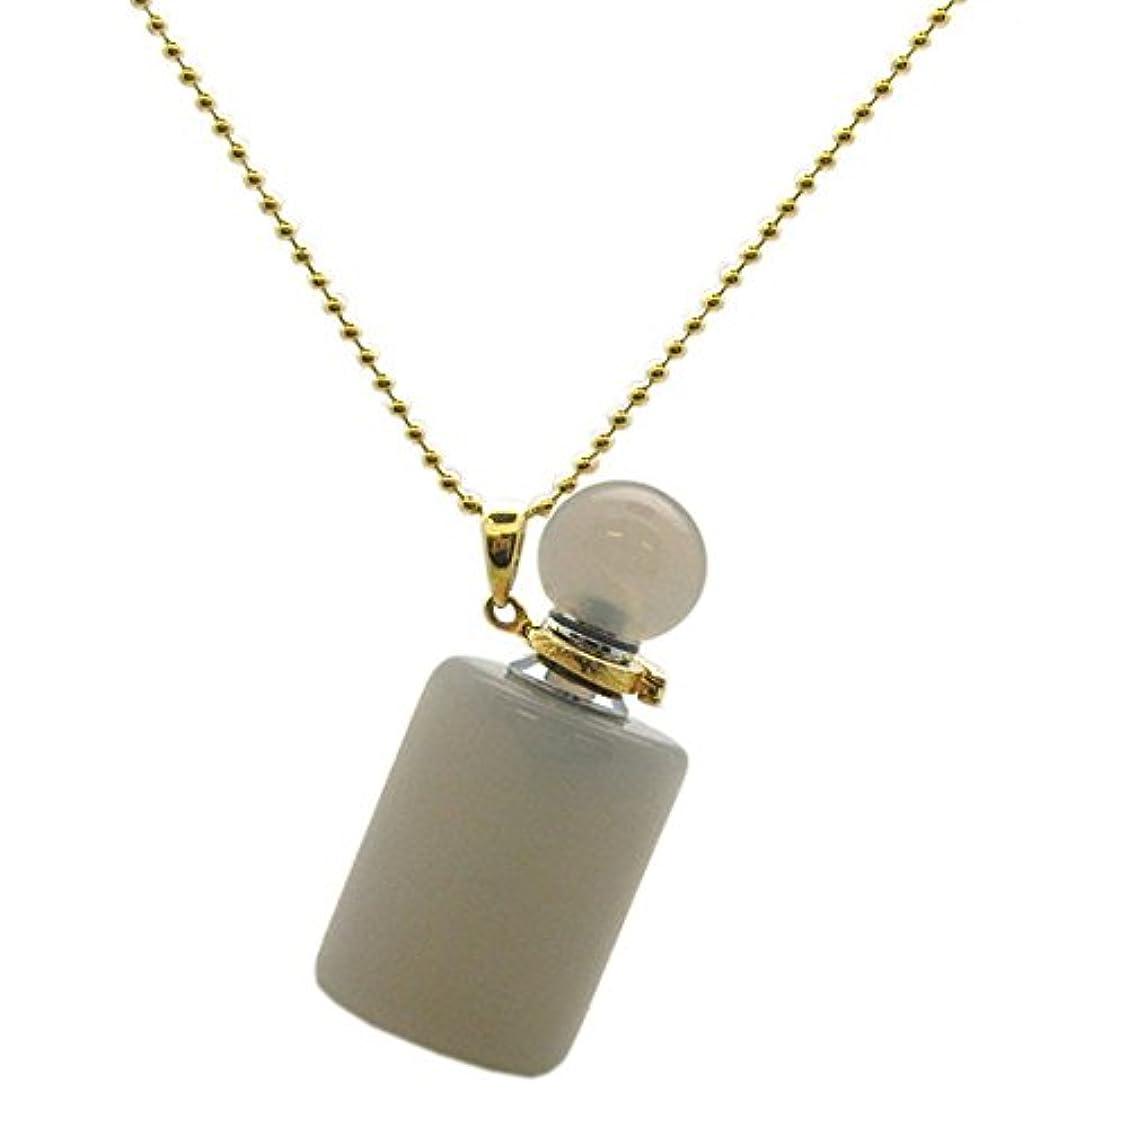 真実に貧しいビルケイトAvenue Gold over Sterling Silver Gemstone Aromatherapy Essential Oil Diffuserネックレス、香水とMosquito Repellentネックレス...